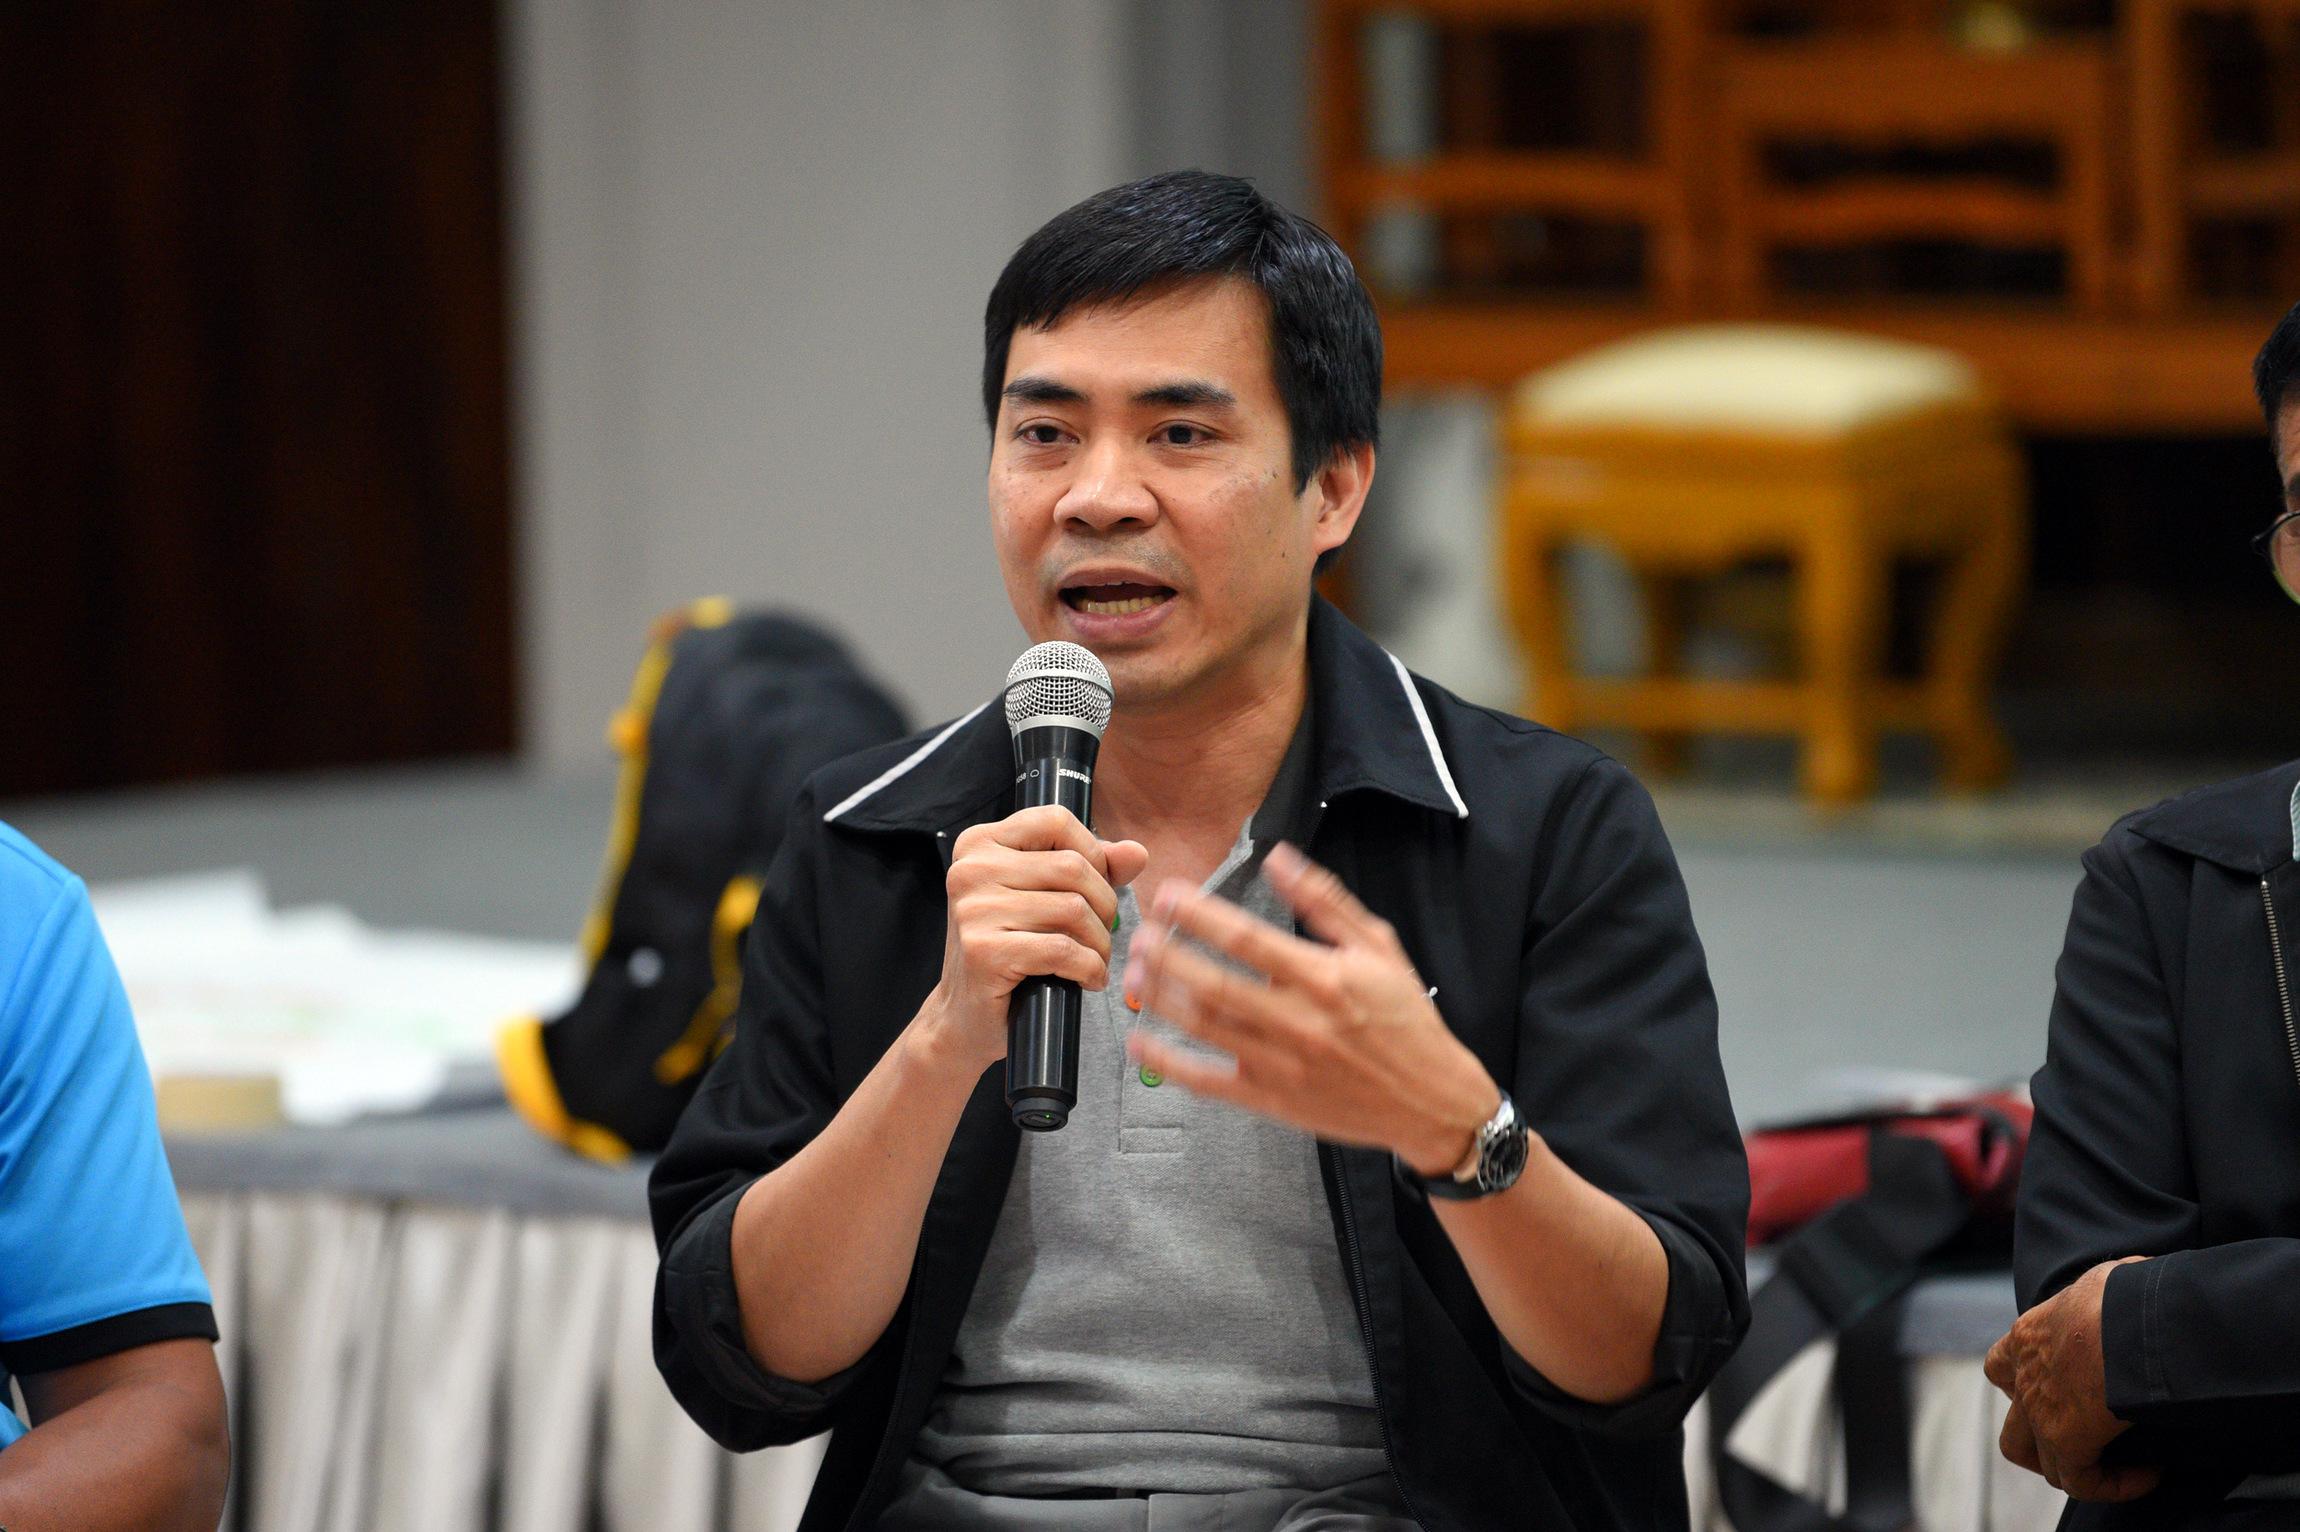 'บัณฑิตคืนบ้านนา' มุ่งพัฒนาสุขภาวะชุมชนให้ยั่งยืน thaihealth